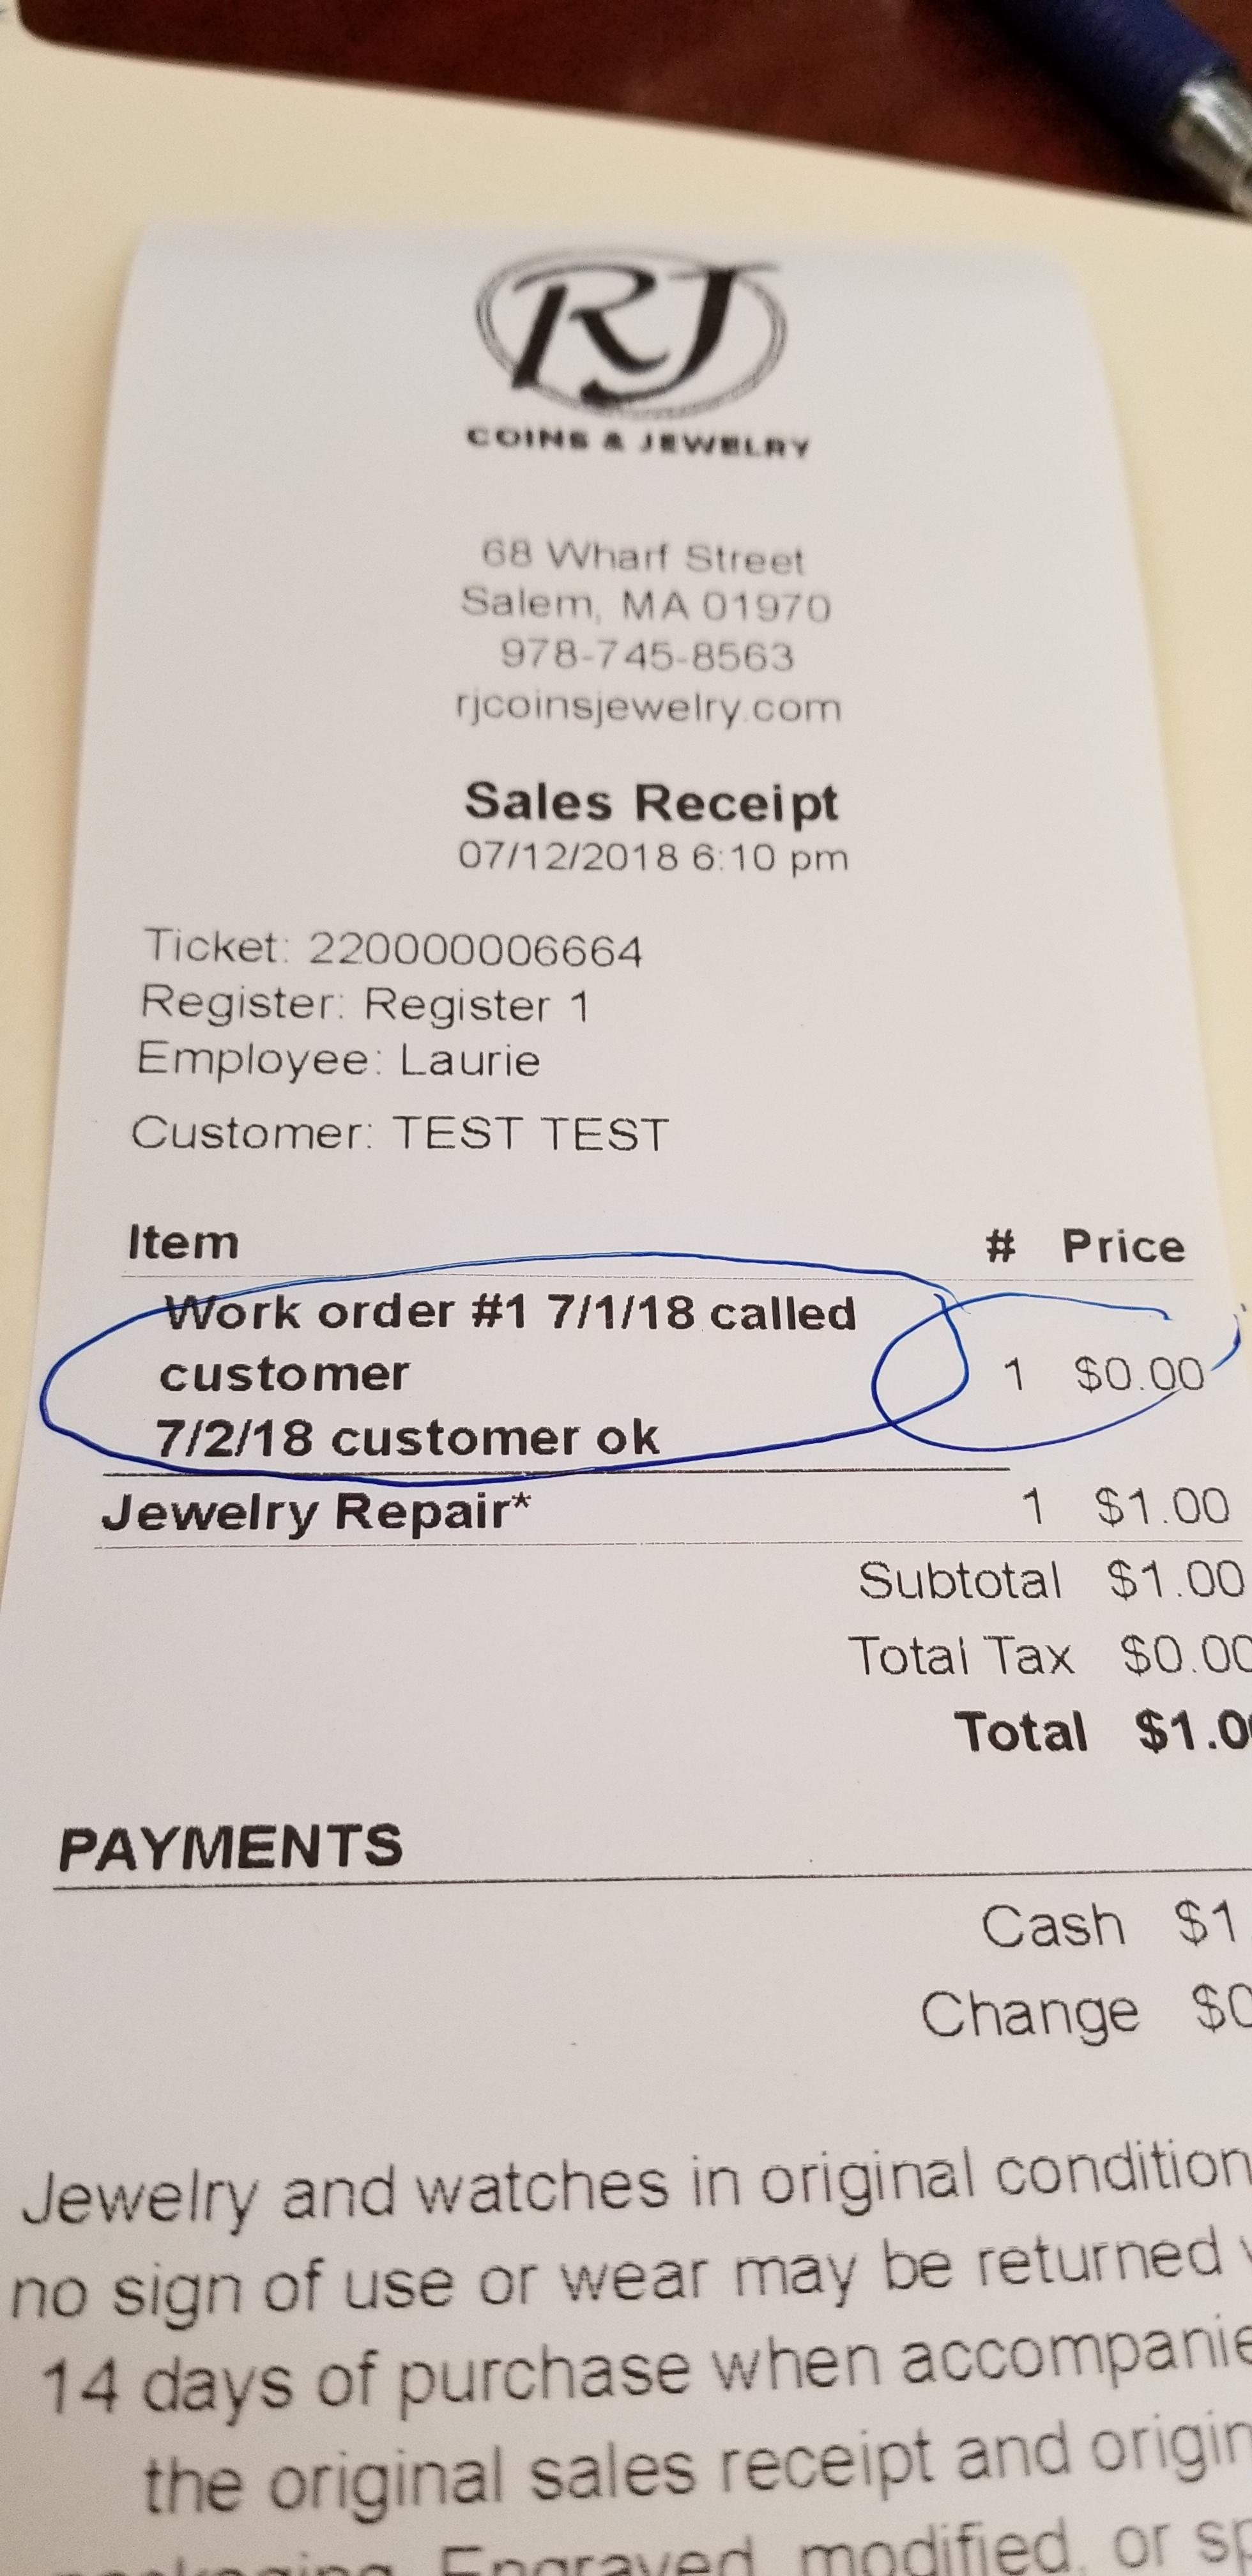 Image result for customer register receipt image